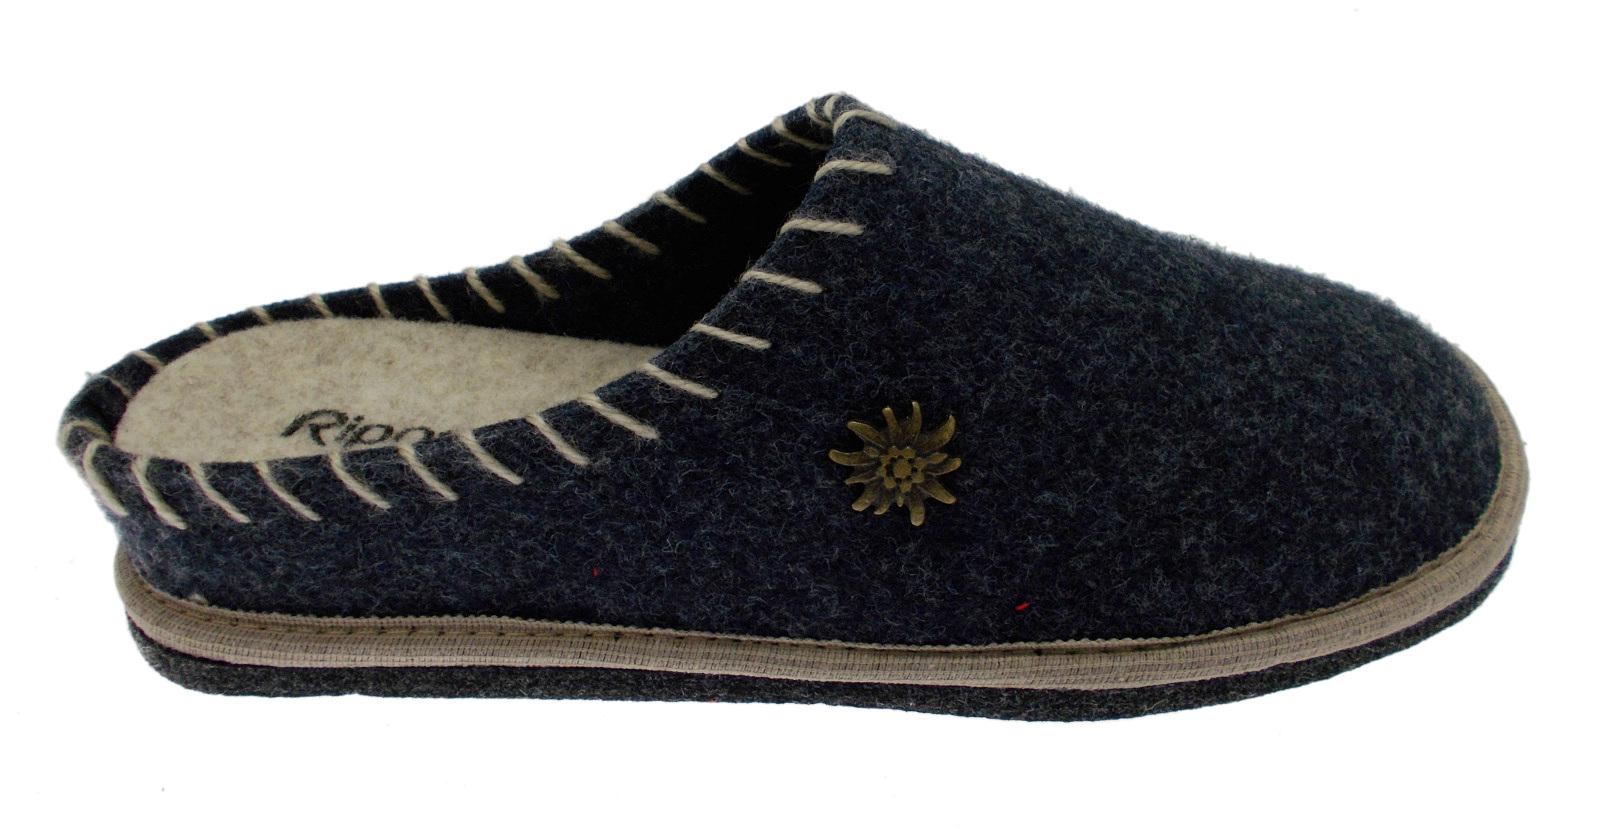 2611 Tyrolean slipper Blau Riposella boiled wool felt Riposella Blau 7085a2